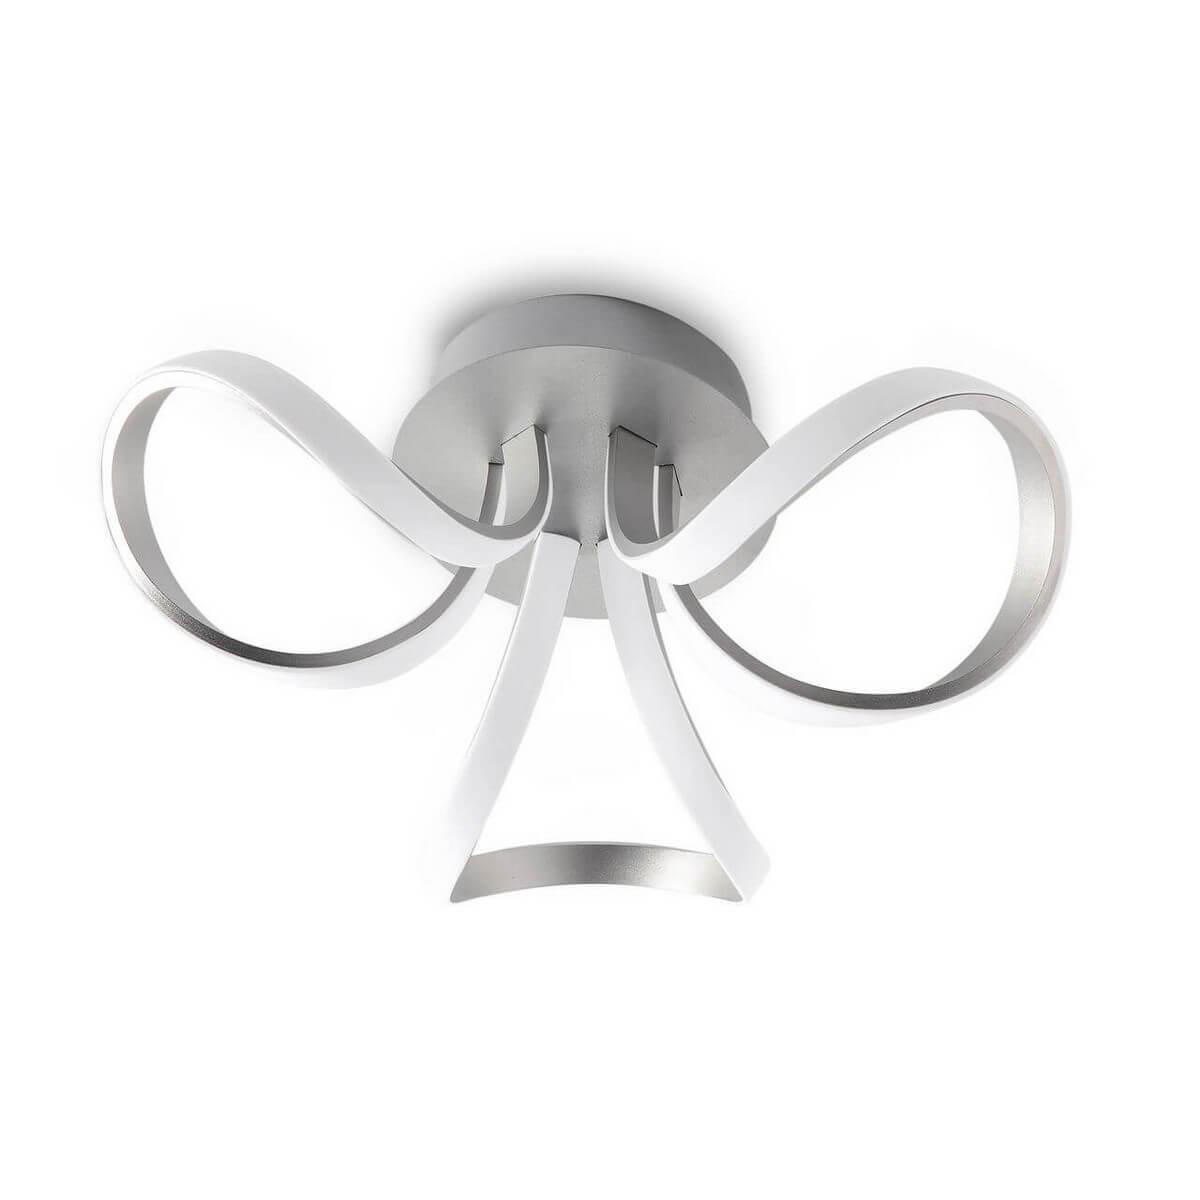 цена на Потолочный светодиодный светильник Mantra Knot Led 4989